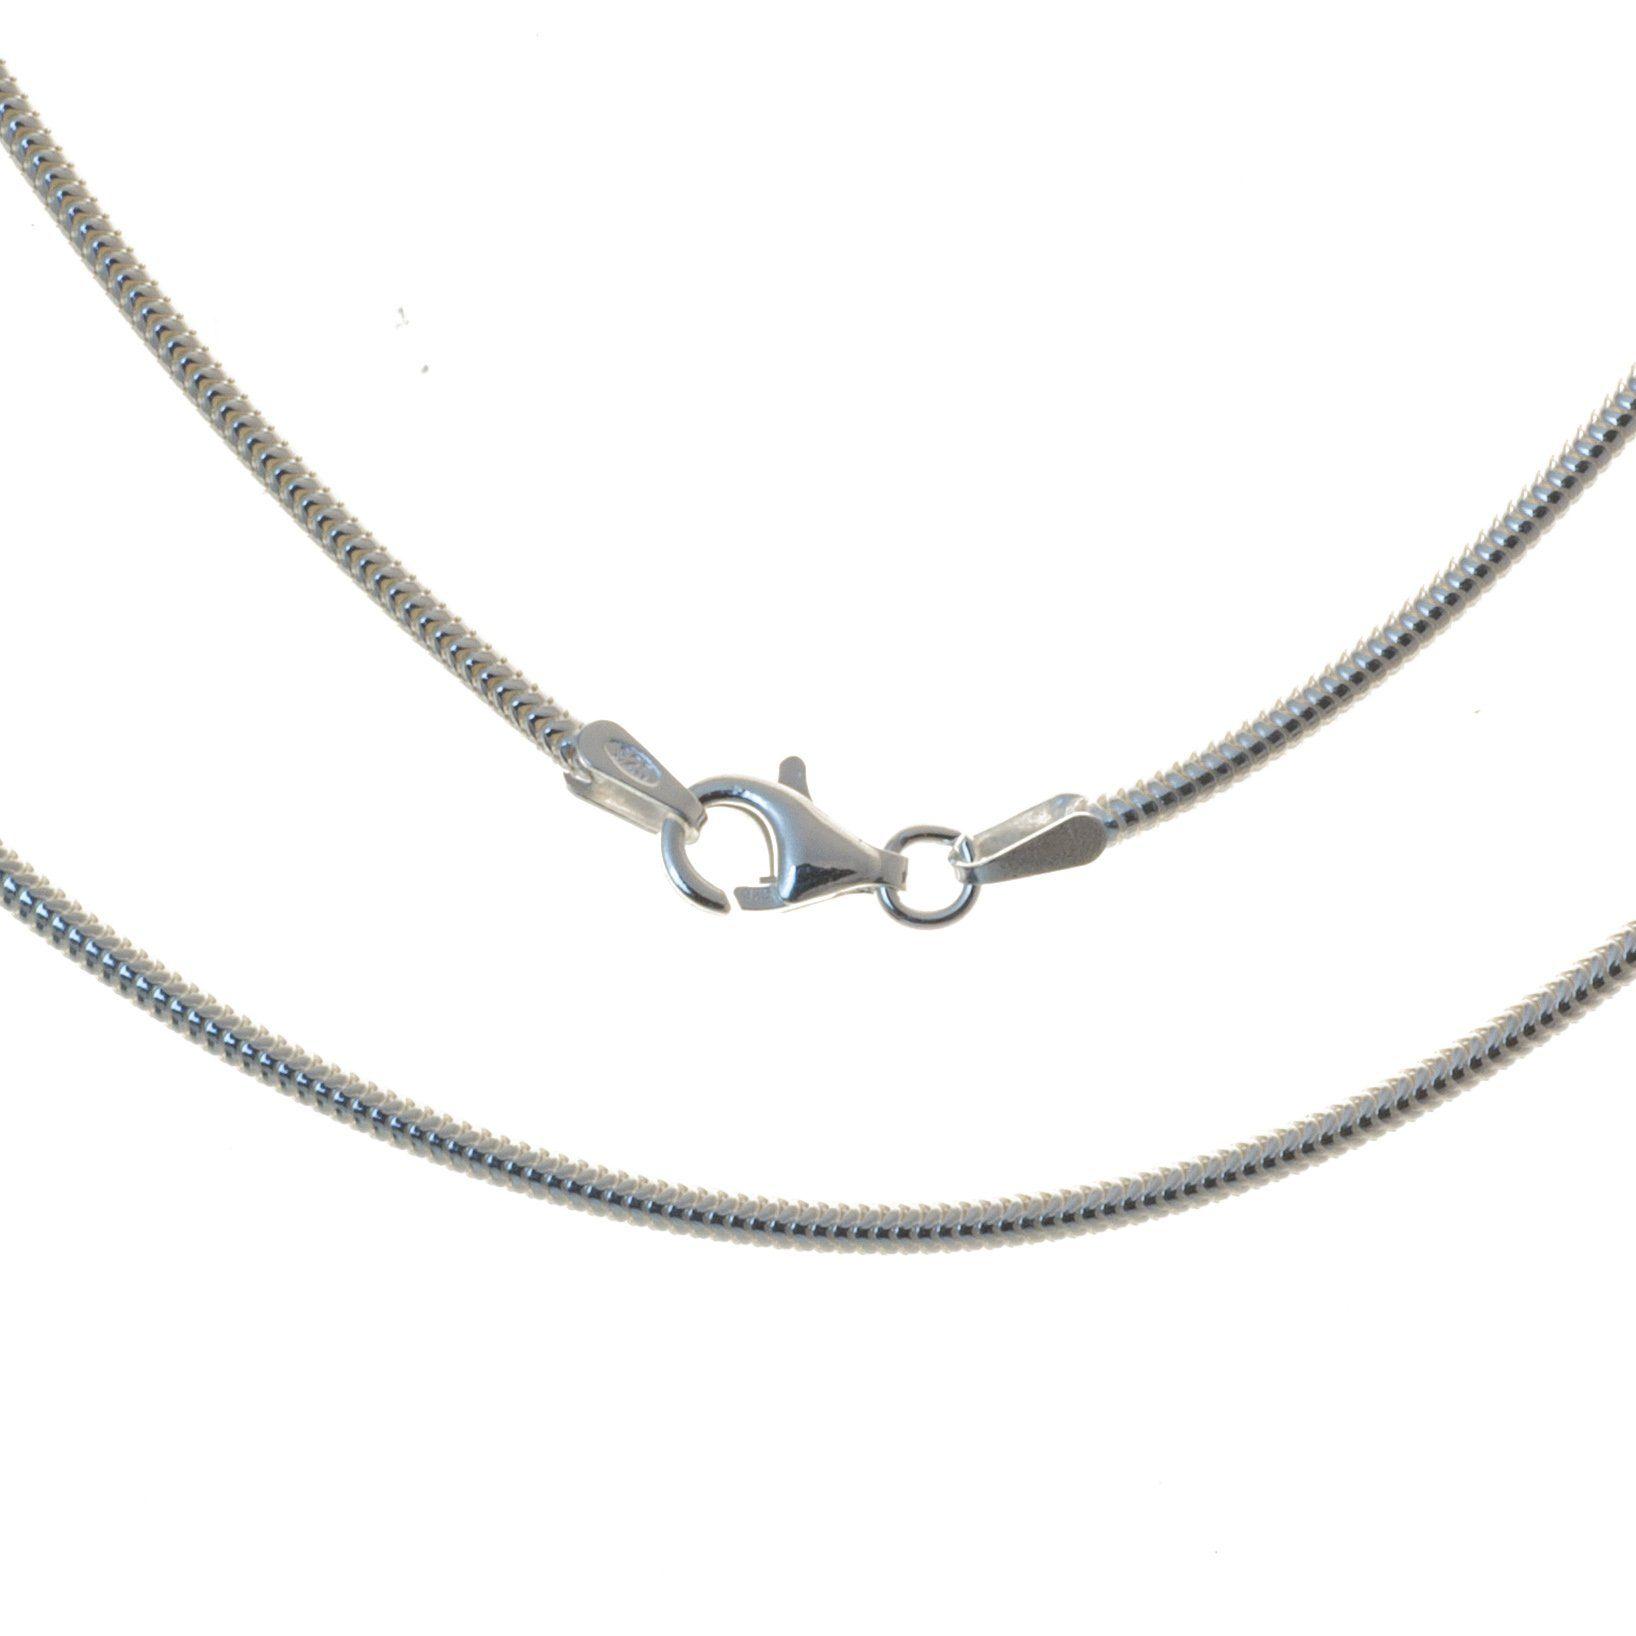 Bella Carina Silberkette »Schlange 1,9 mm«, Schlangenkette 1,9 mm Stärke online kaufen | OTTO